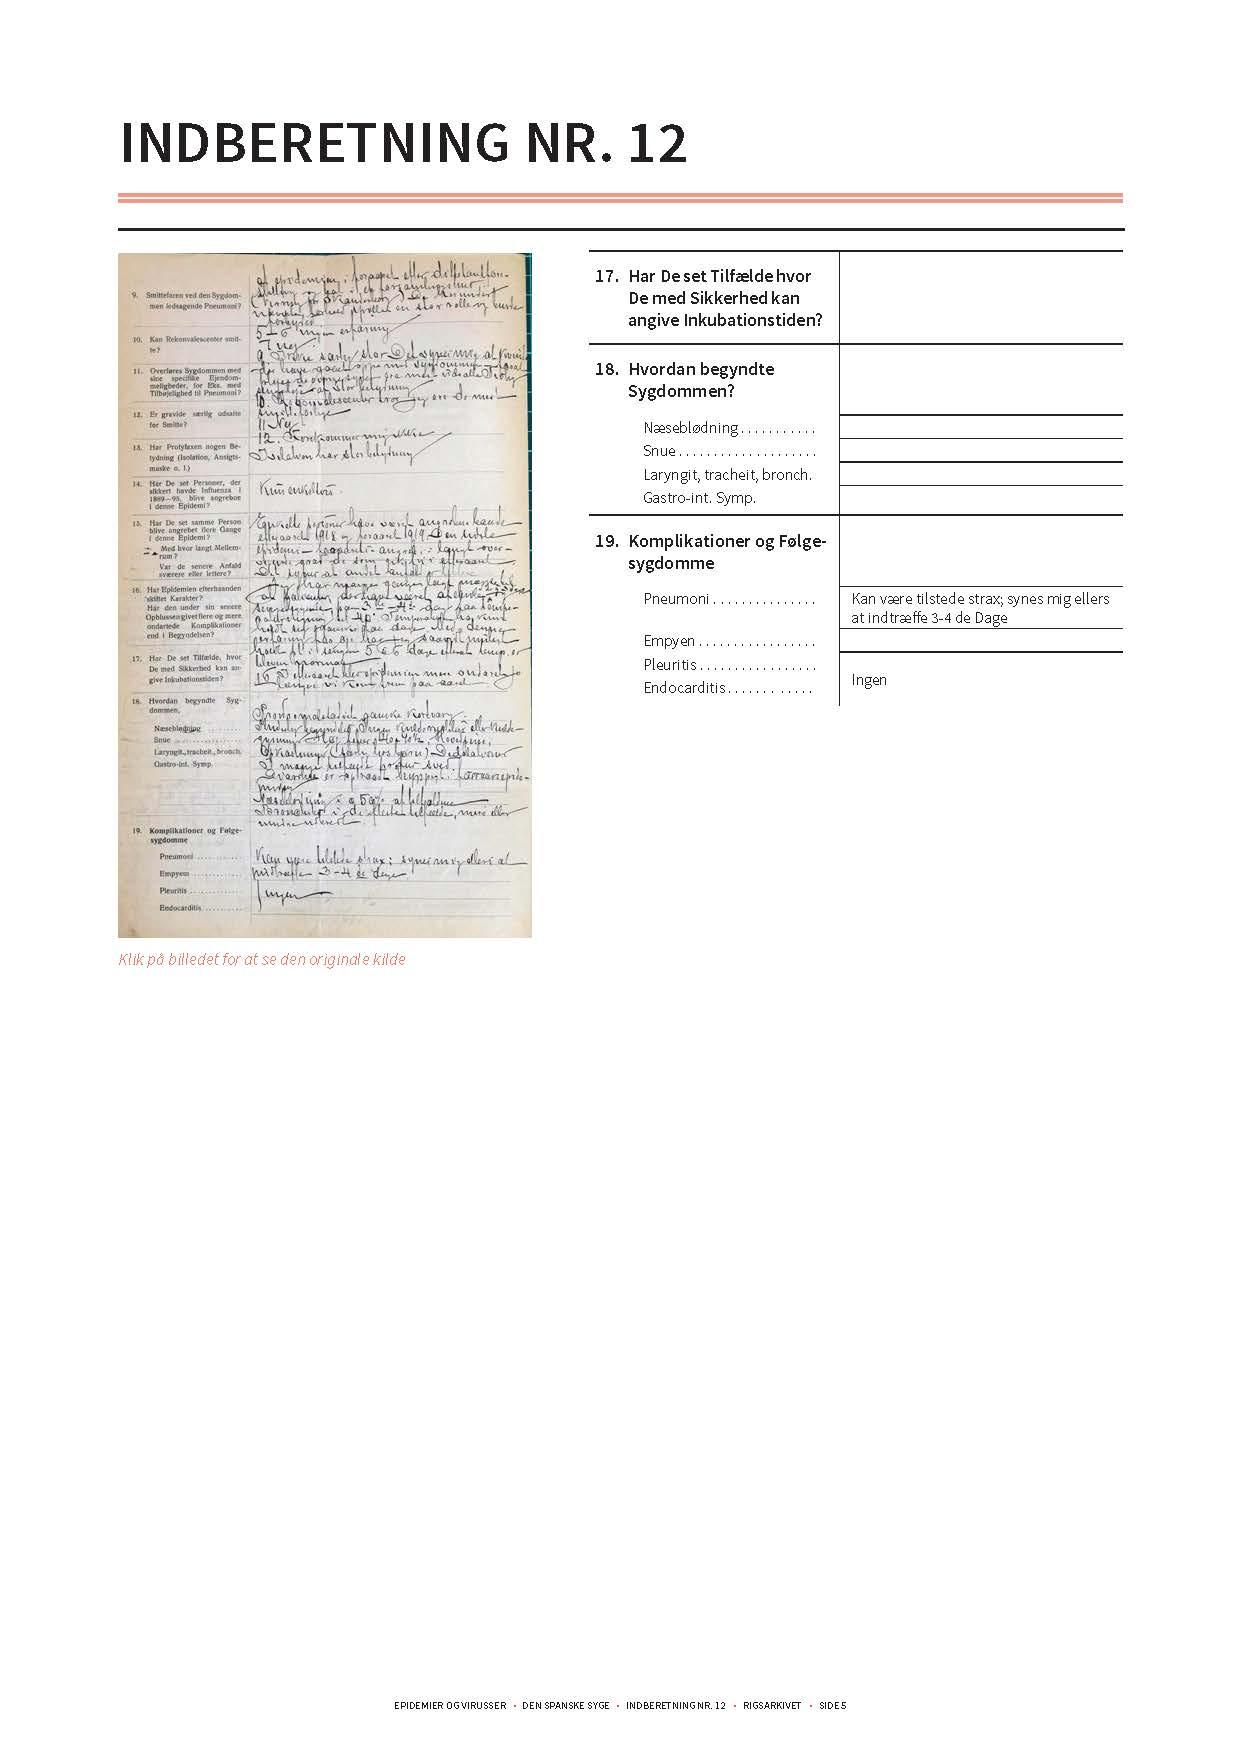 Gengivelse af original indberetning om den spanske syge side 4 og transskription heraf.